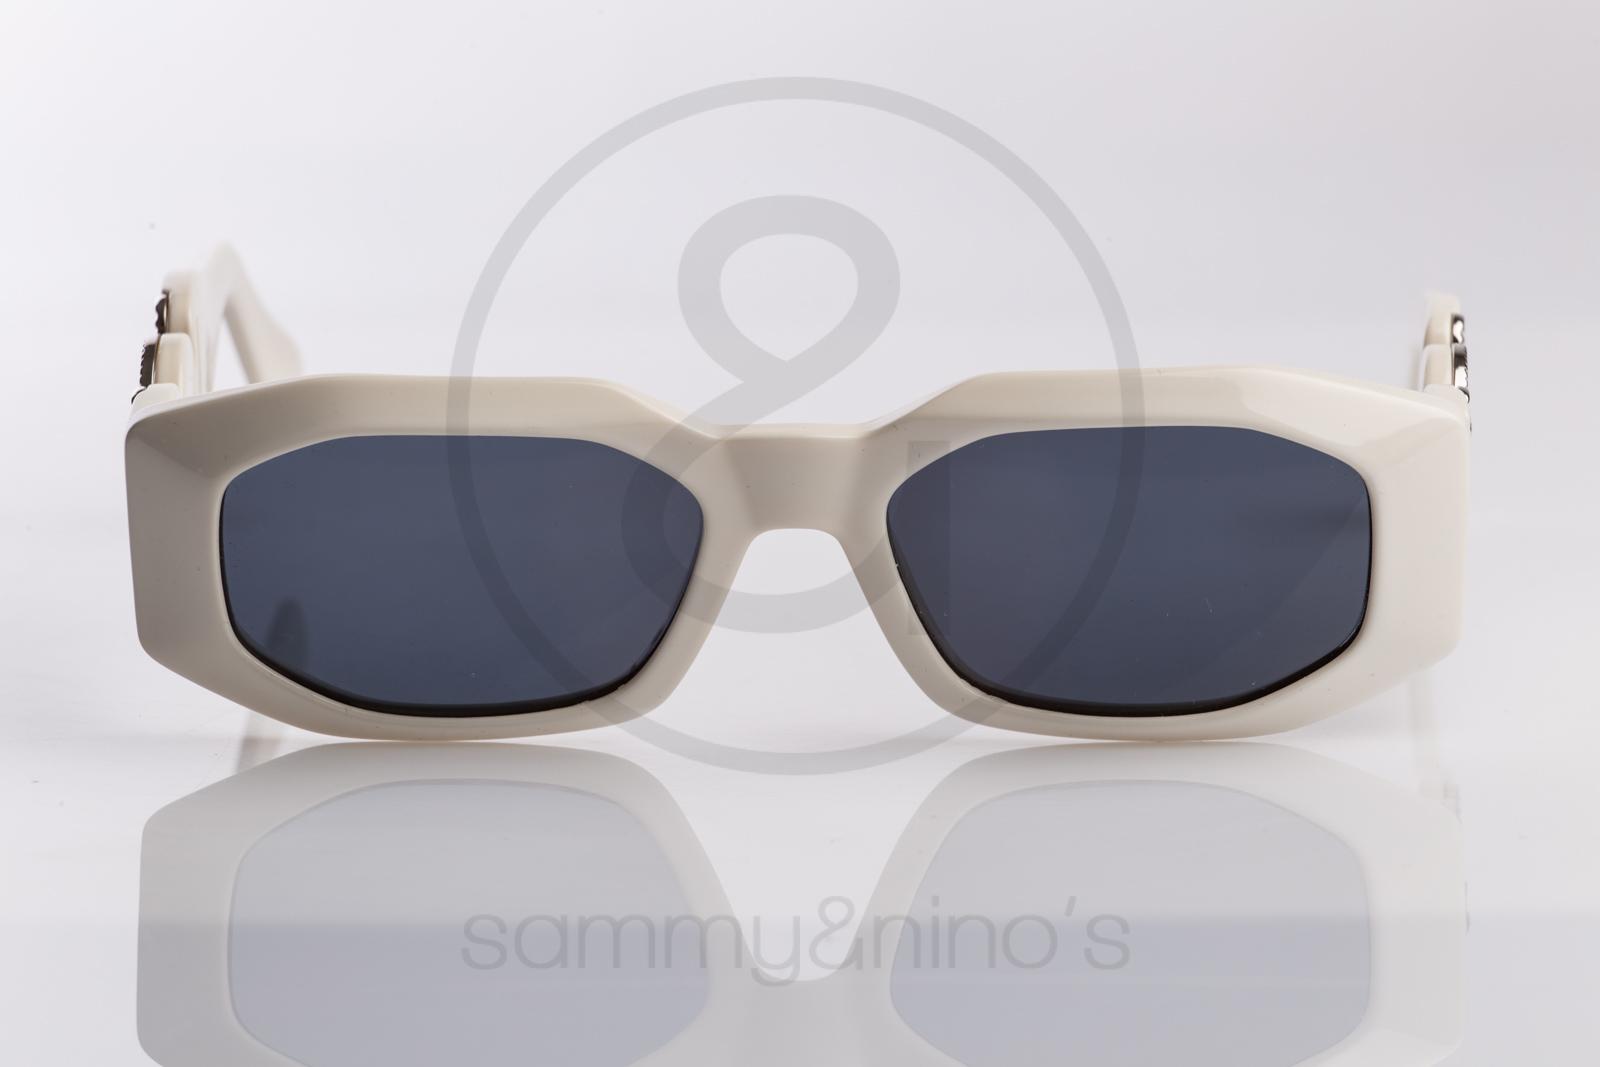 b2c5684505d1 Gianni Versace 414/b 850 – Sammy & Nino's Store